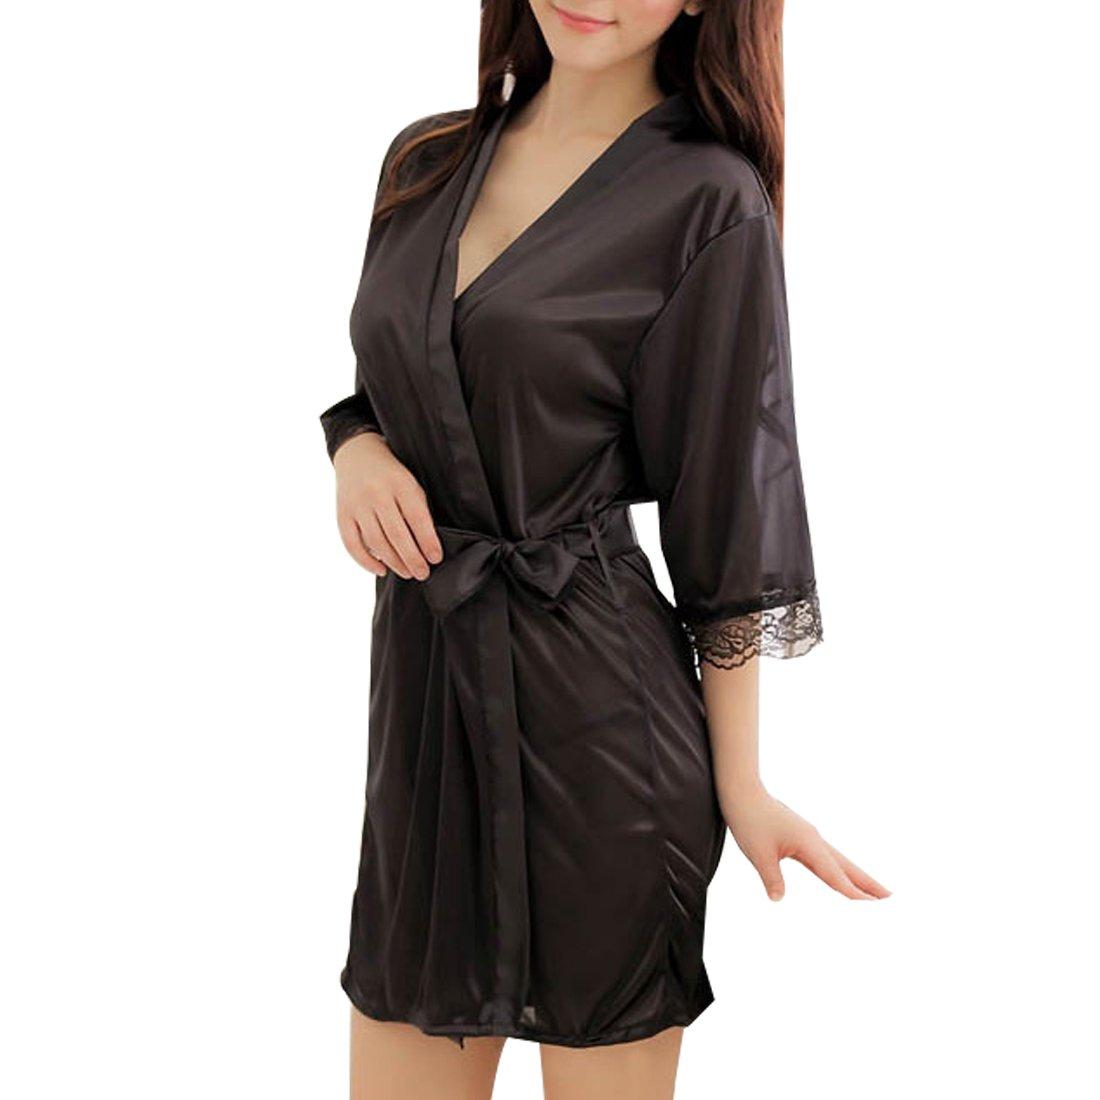 Sidiou Group Vestaglia Kimono Donna Elegante Pigiama Vestaglia Raso Corta Camicie da Notte per Donna Accappatoio Biancheria da Notte Abito da Notte Indumenti da Notte